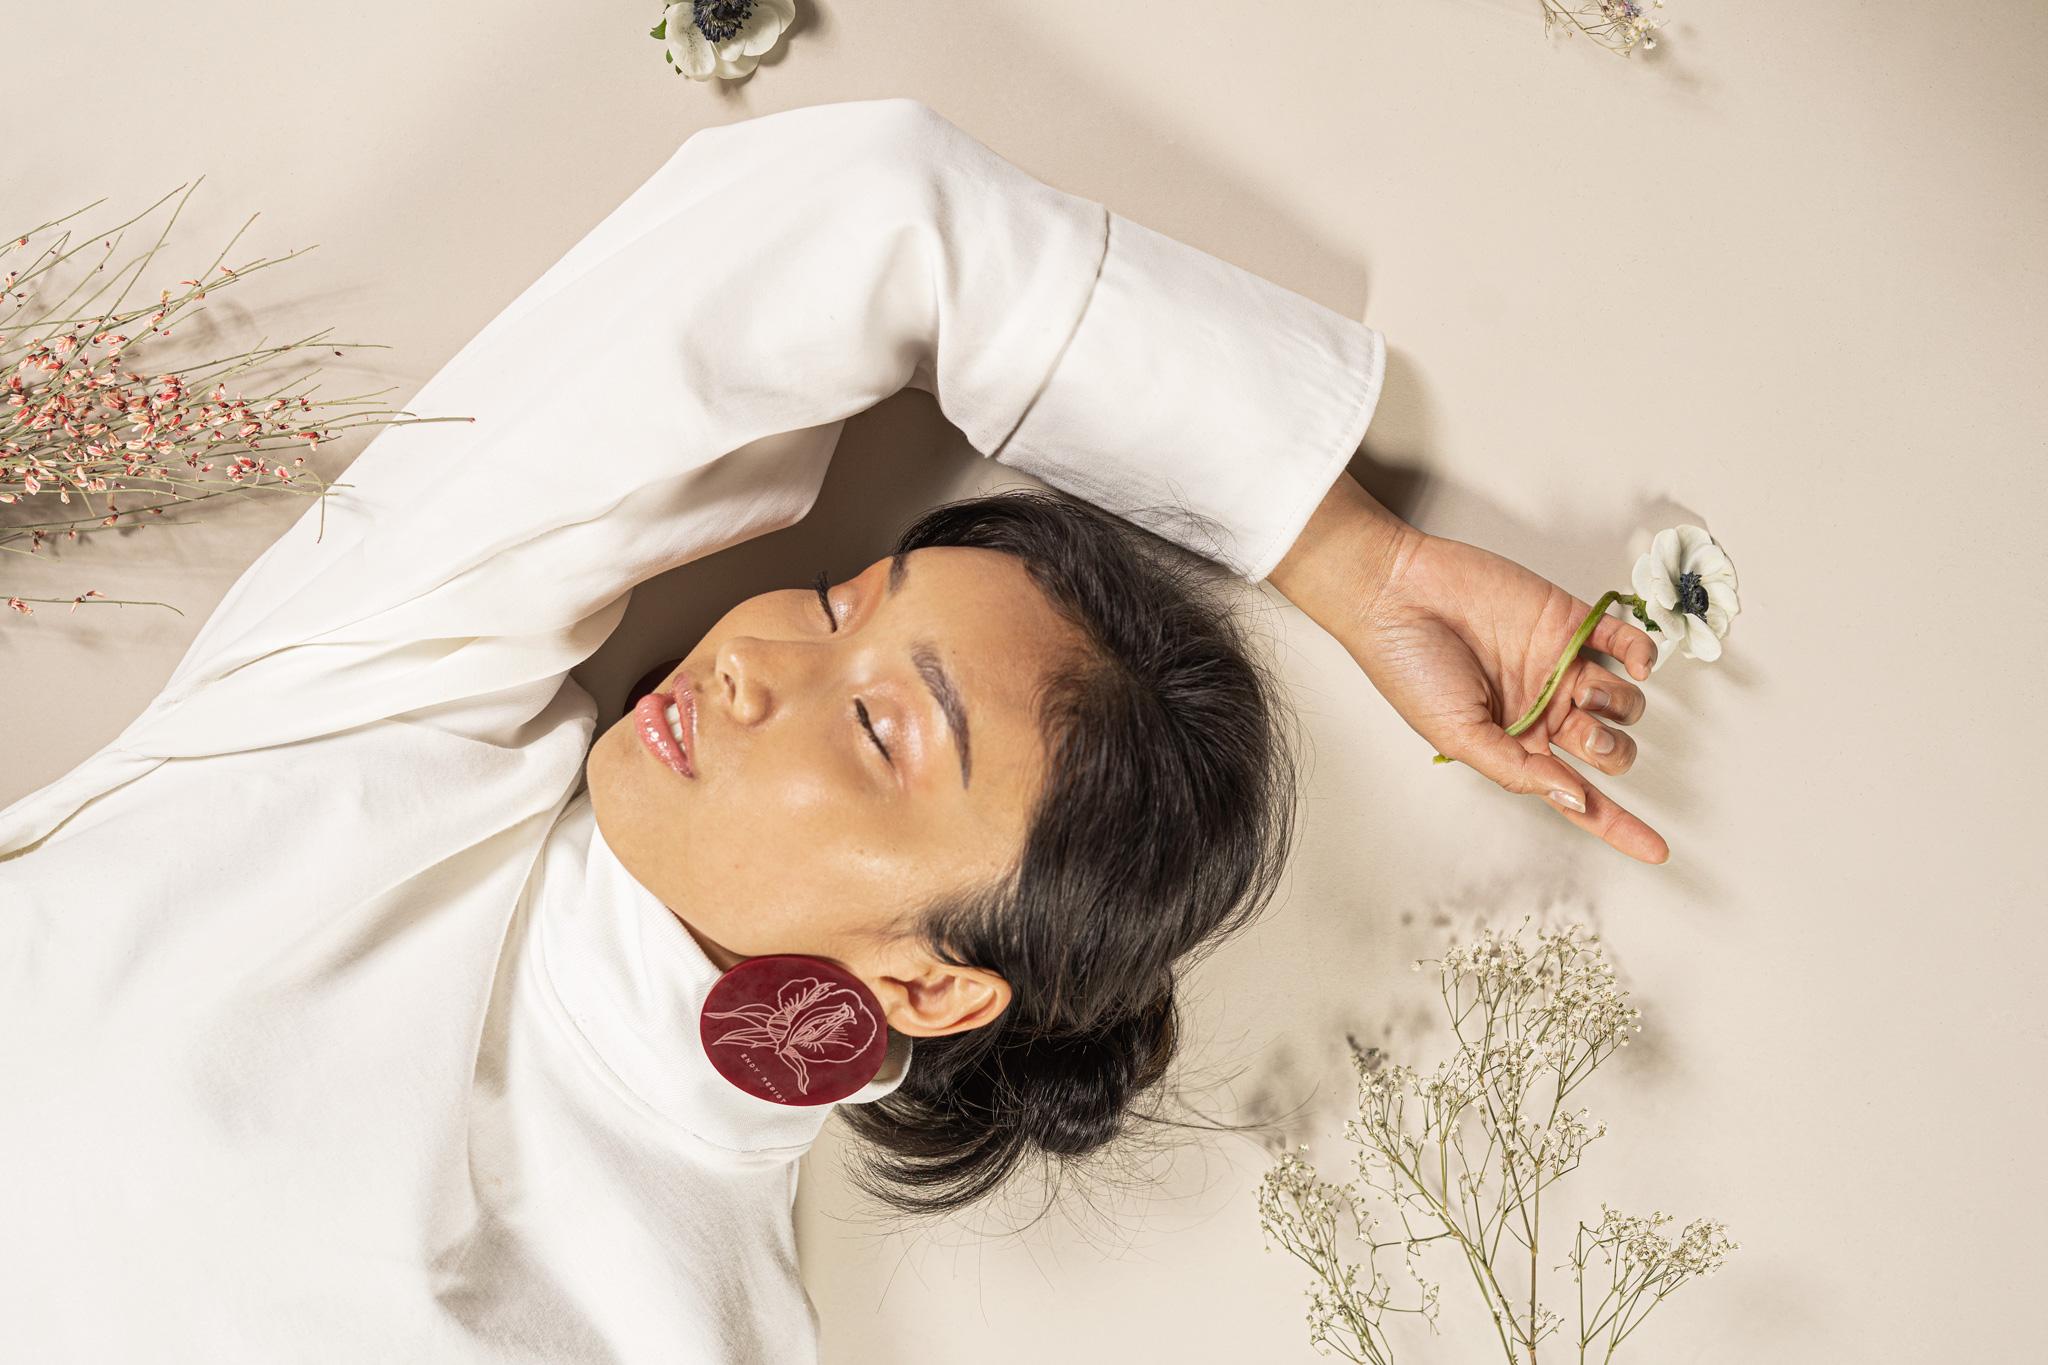 Une femme allongée par terre, un bras au dessus de la tête portant une fleur, les yeux fermés.